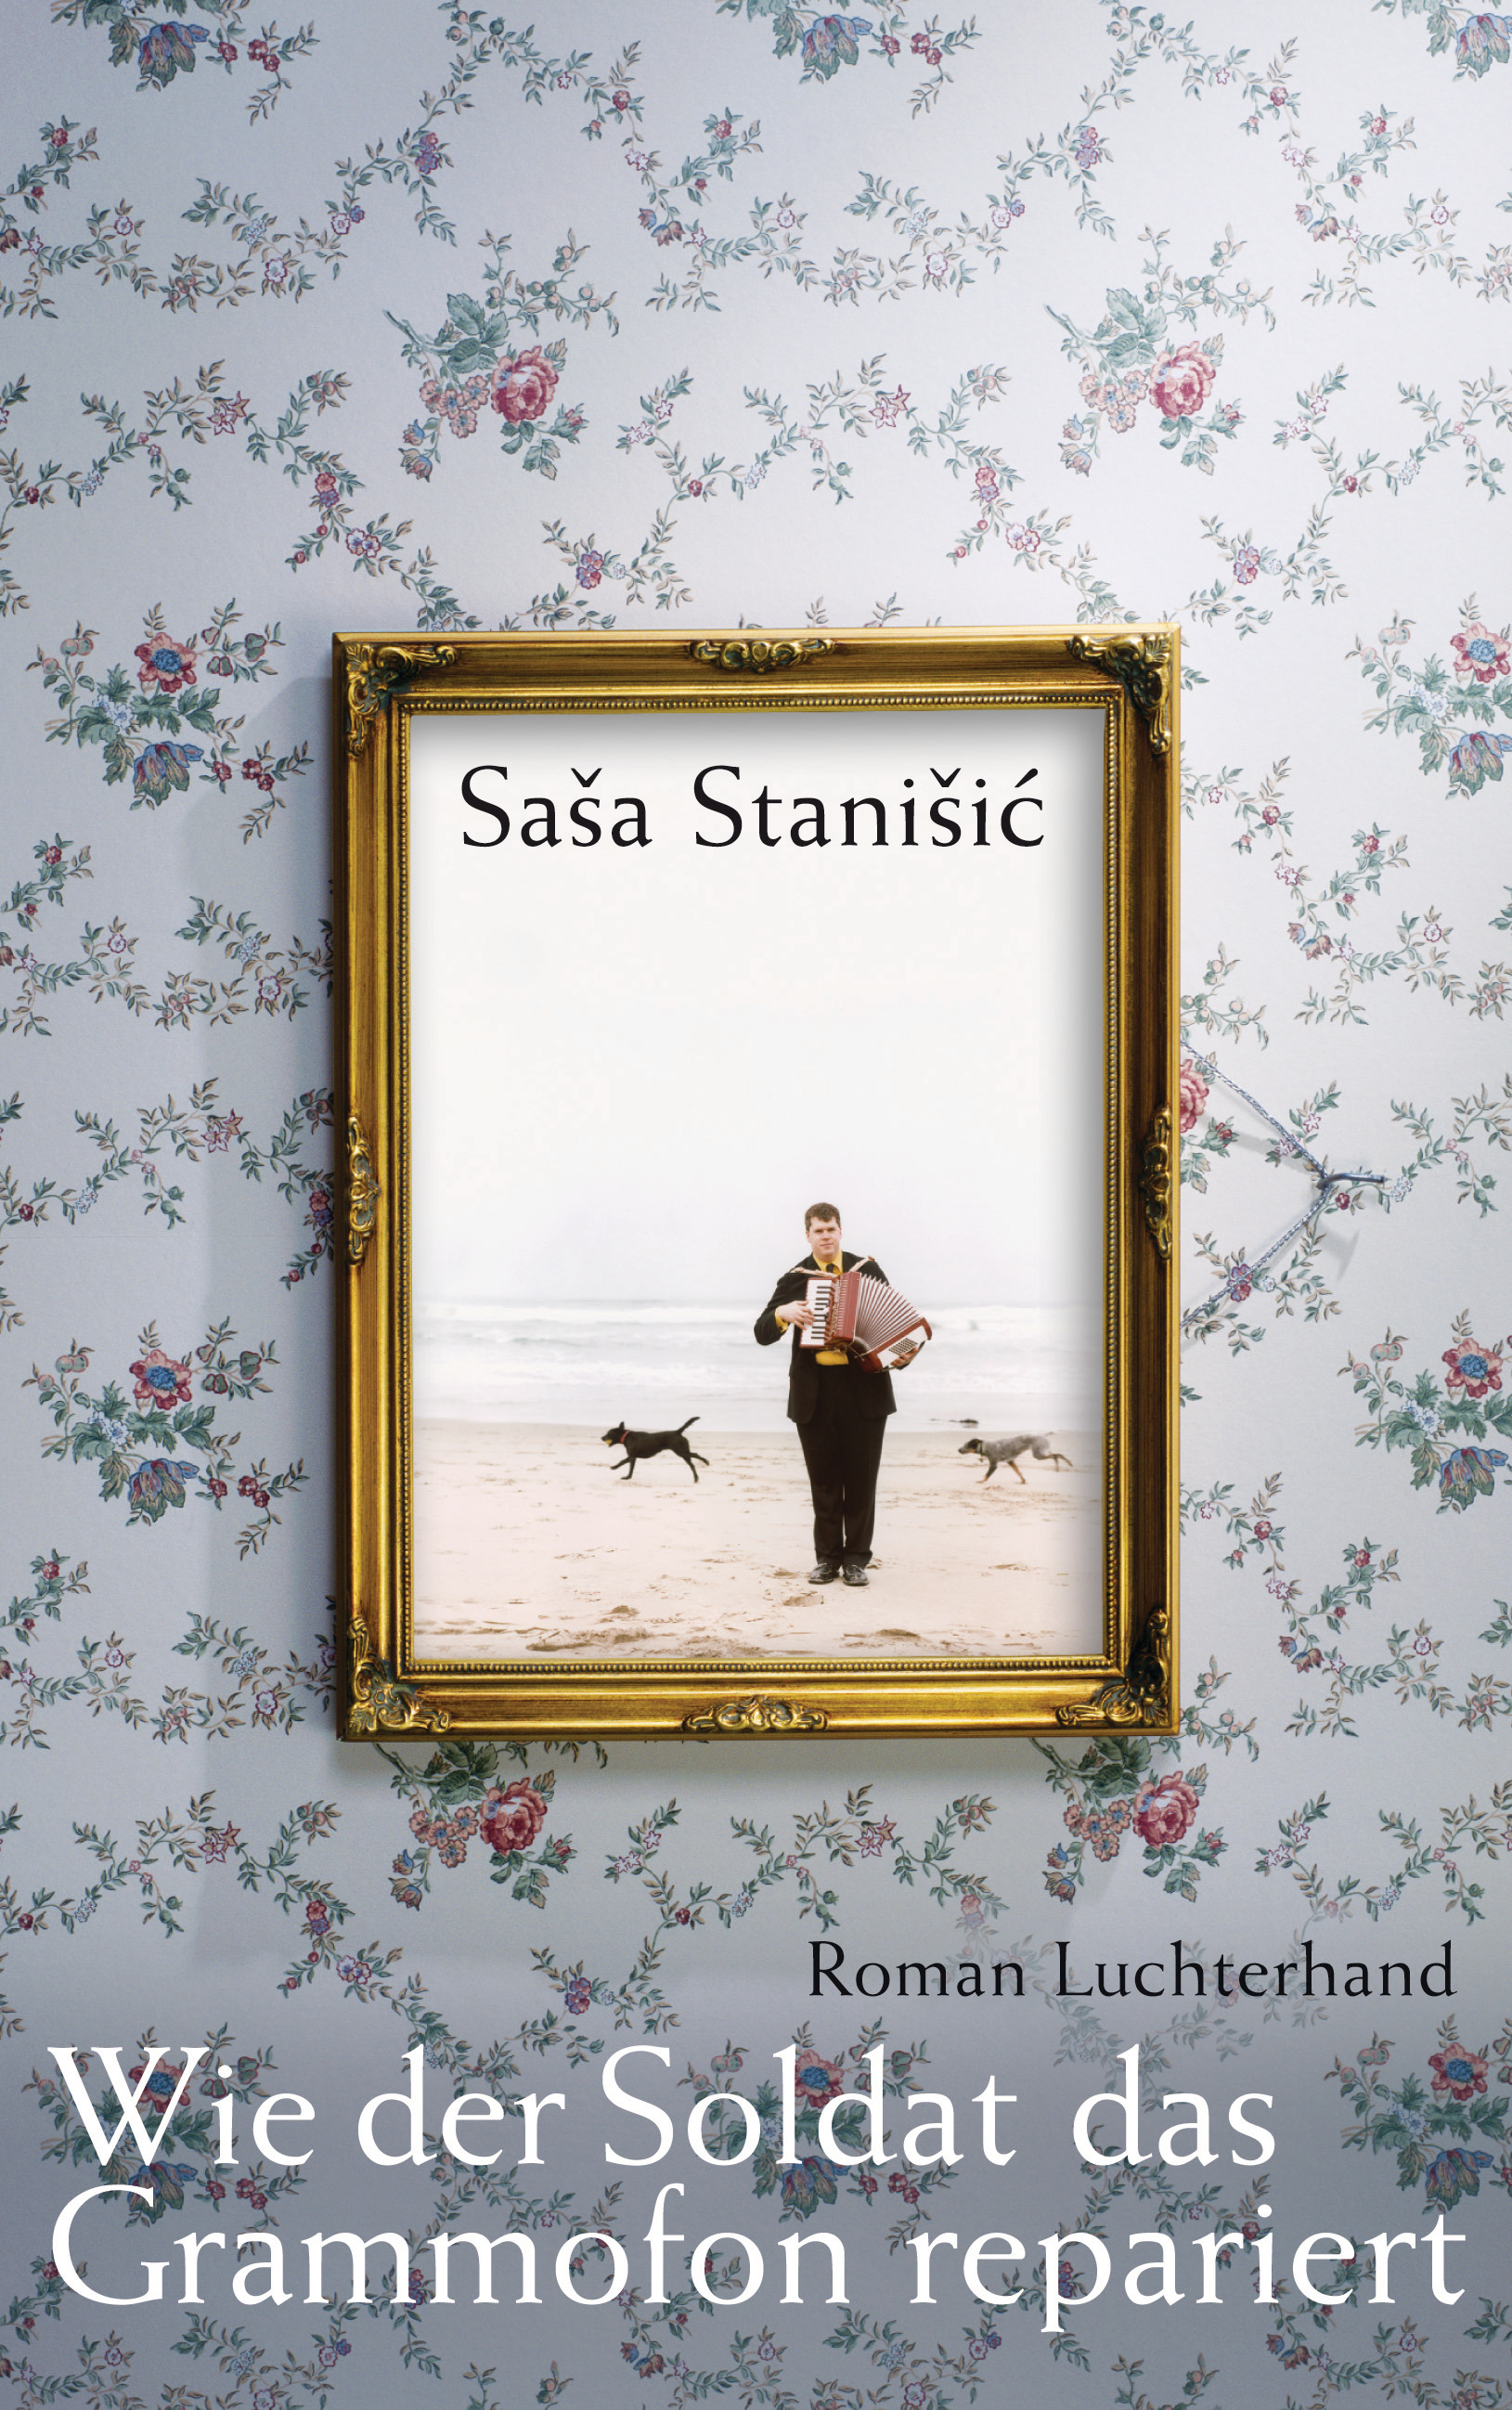 NEU Wie der Soldat das Grammofon repariert Sasa Stanisic 872421